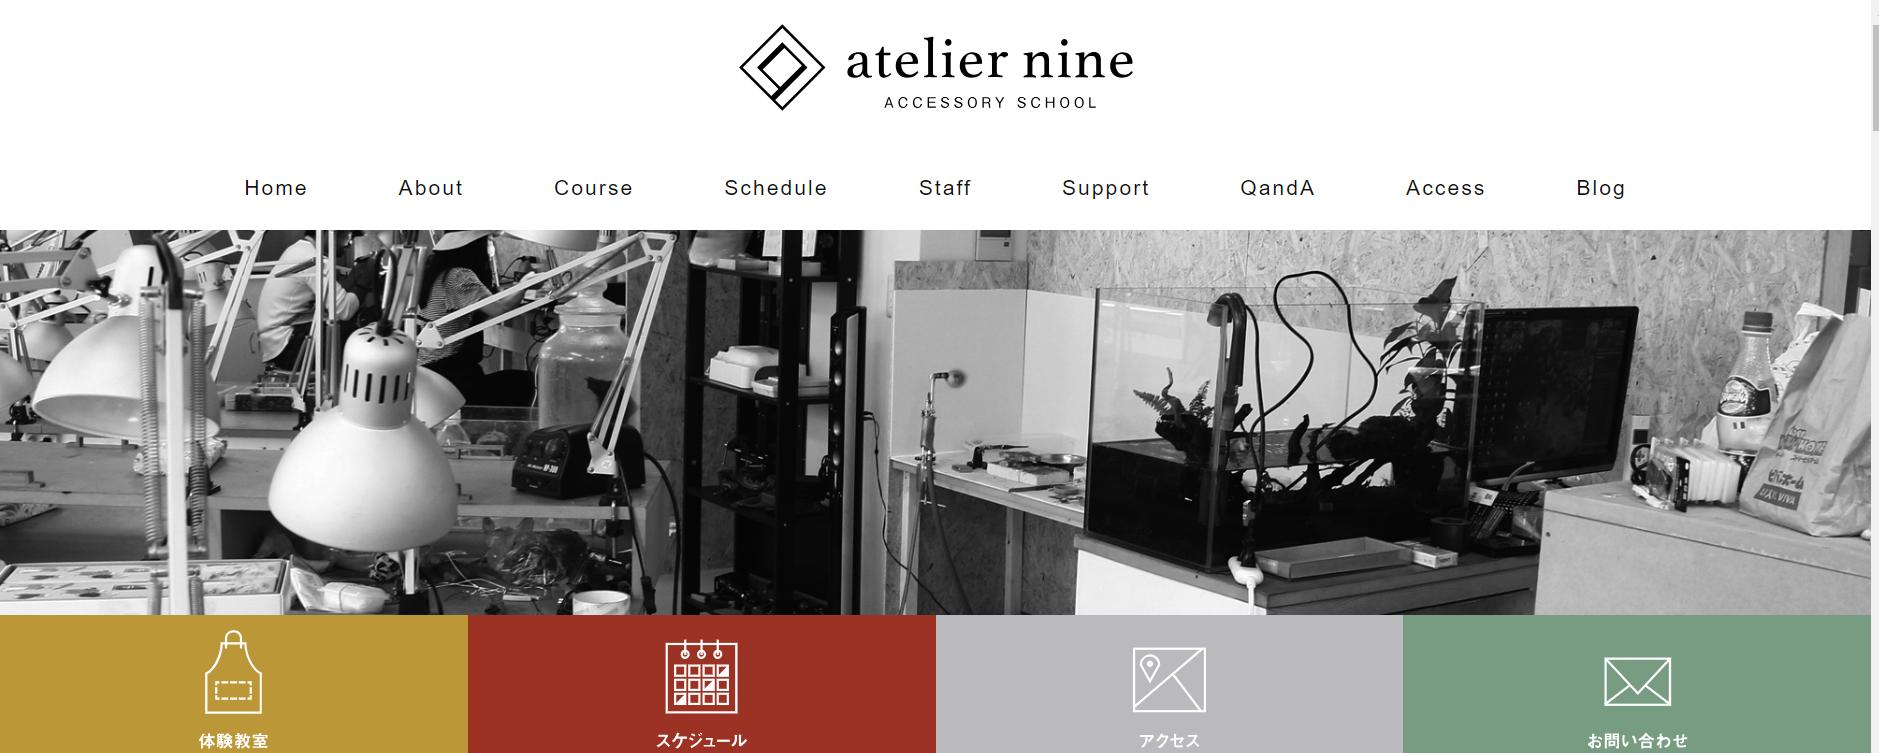 atelier nine(アトリエナイン)